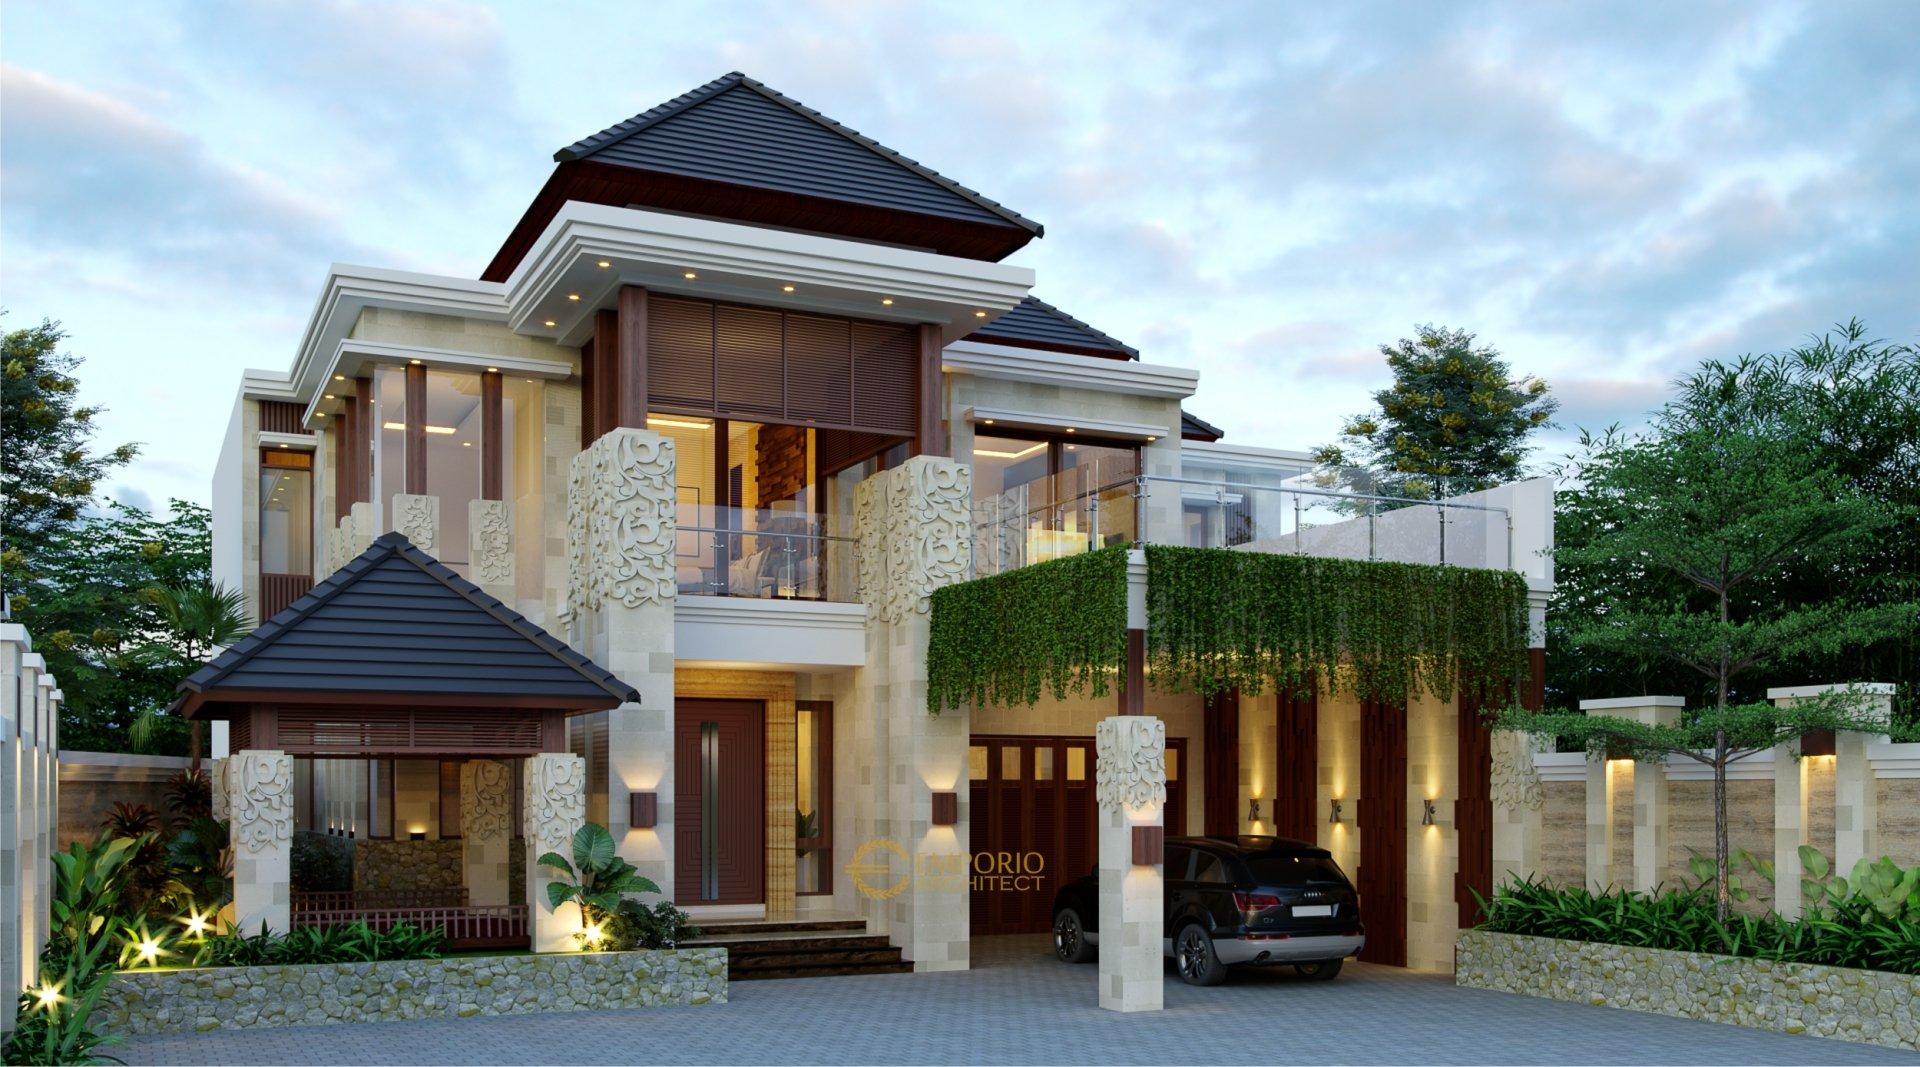 Desain Rumah Villa Bali 2 Lantai Bapak Deden di Purwakarta